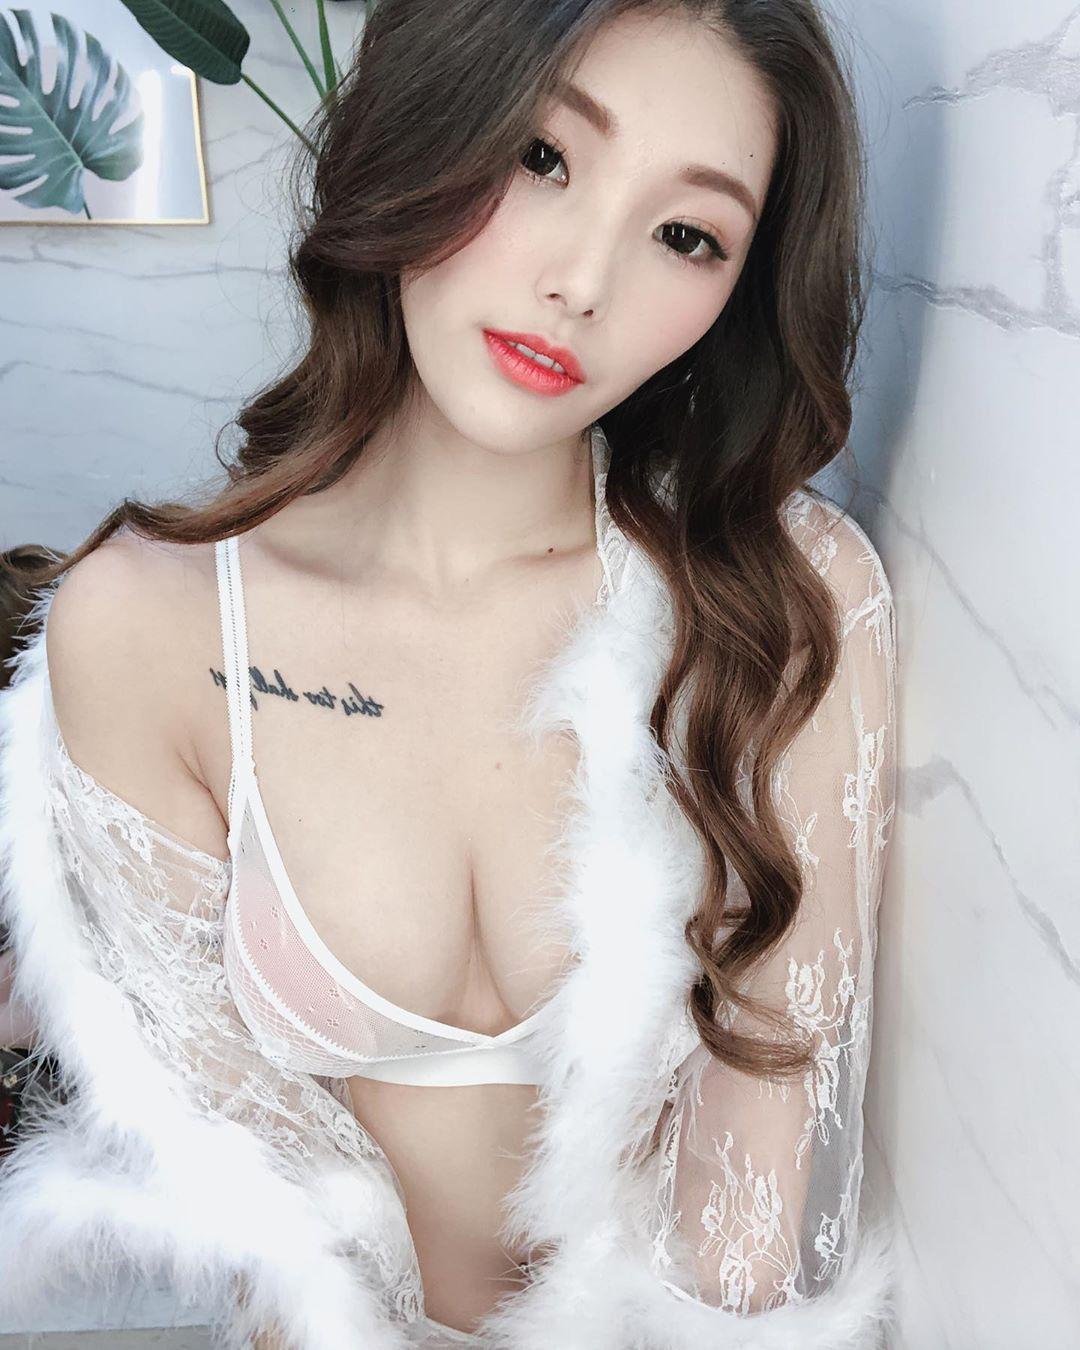 火辣模特妮莎Nisa销魂人字沟性感美体让人无法招架 养眼图片 第2张